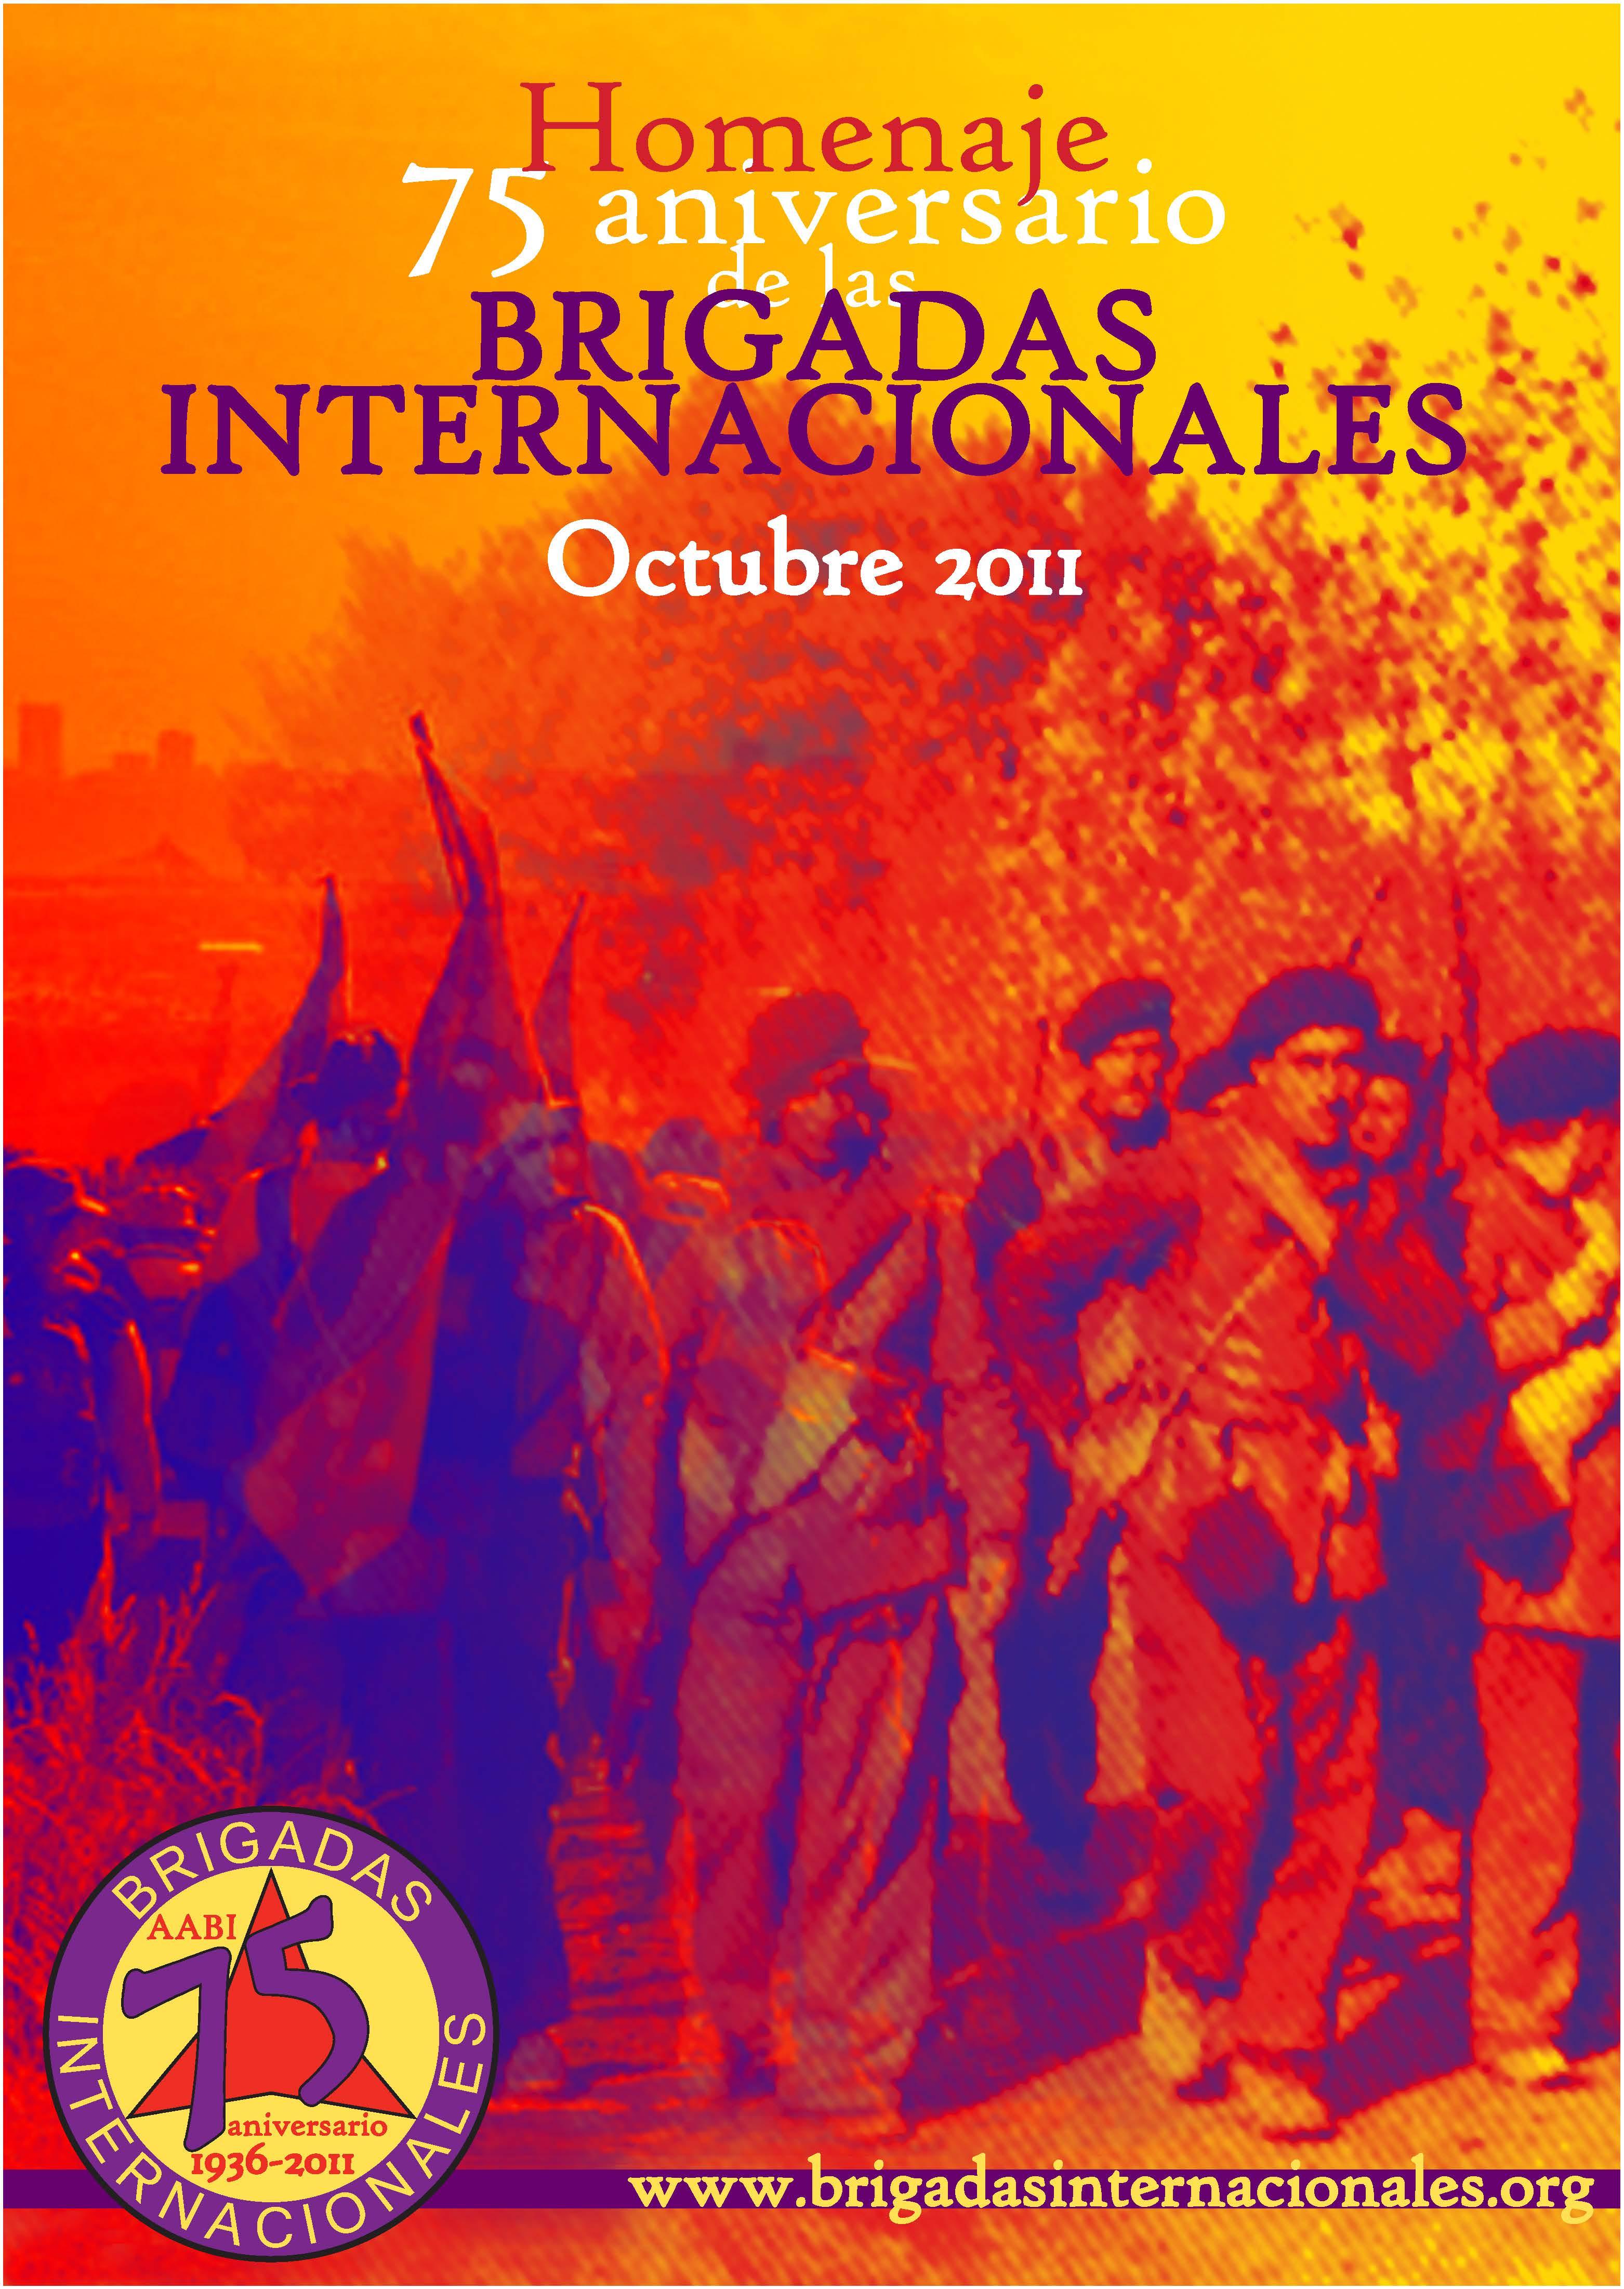 Homenaje a las brigadas internacionales